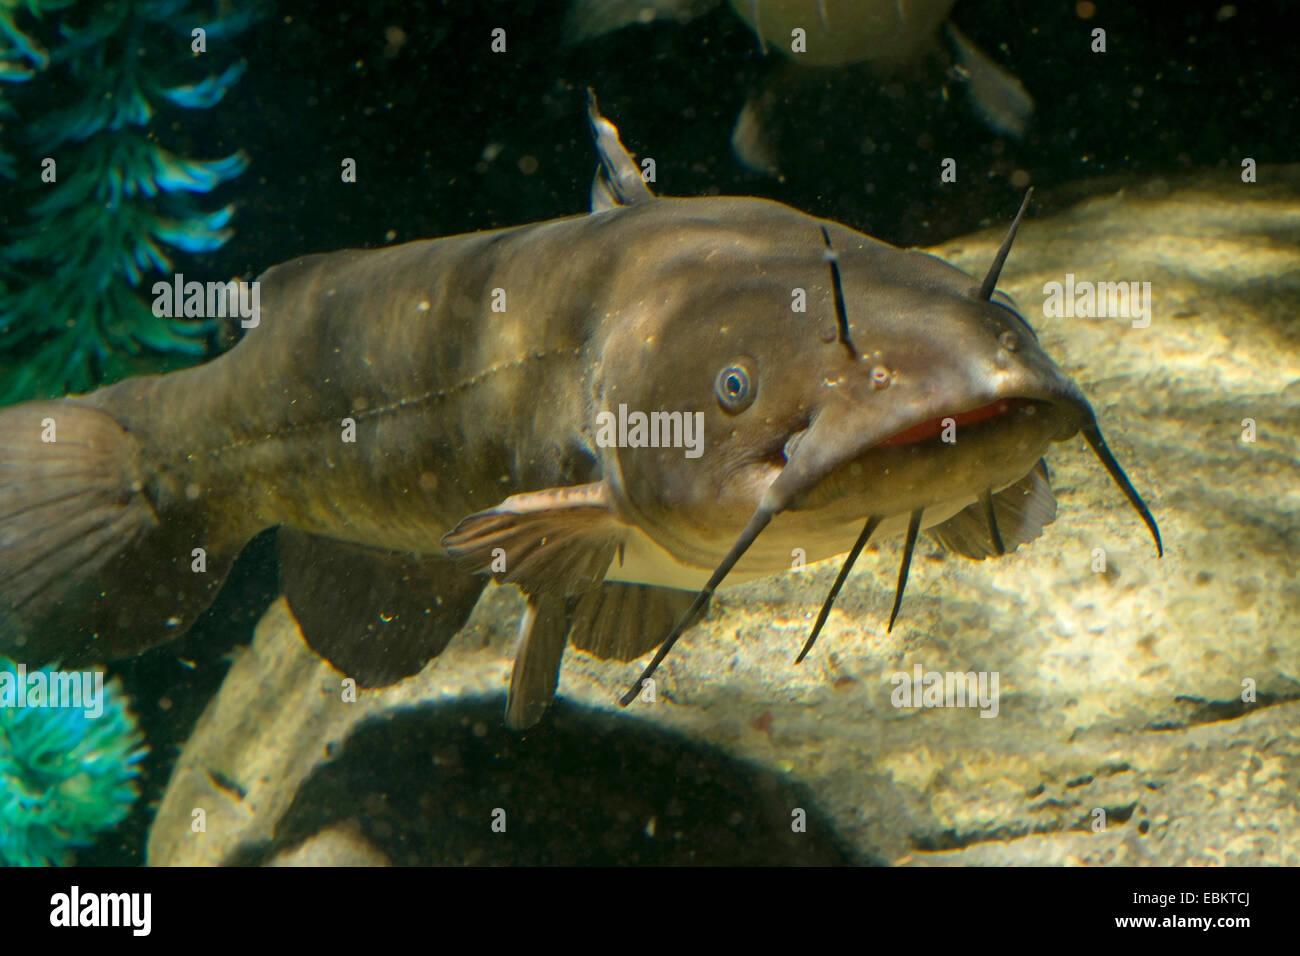 brown bullhead, speckled catfish, horned pout, American catfish (Ameiurus nebulosus, Ictalurus nebulosus), aquarium - Stock Image